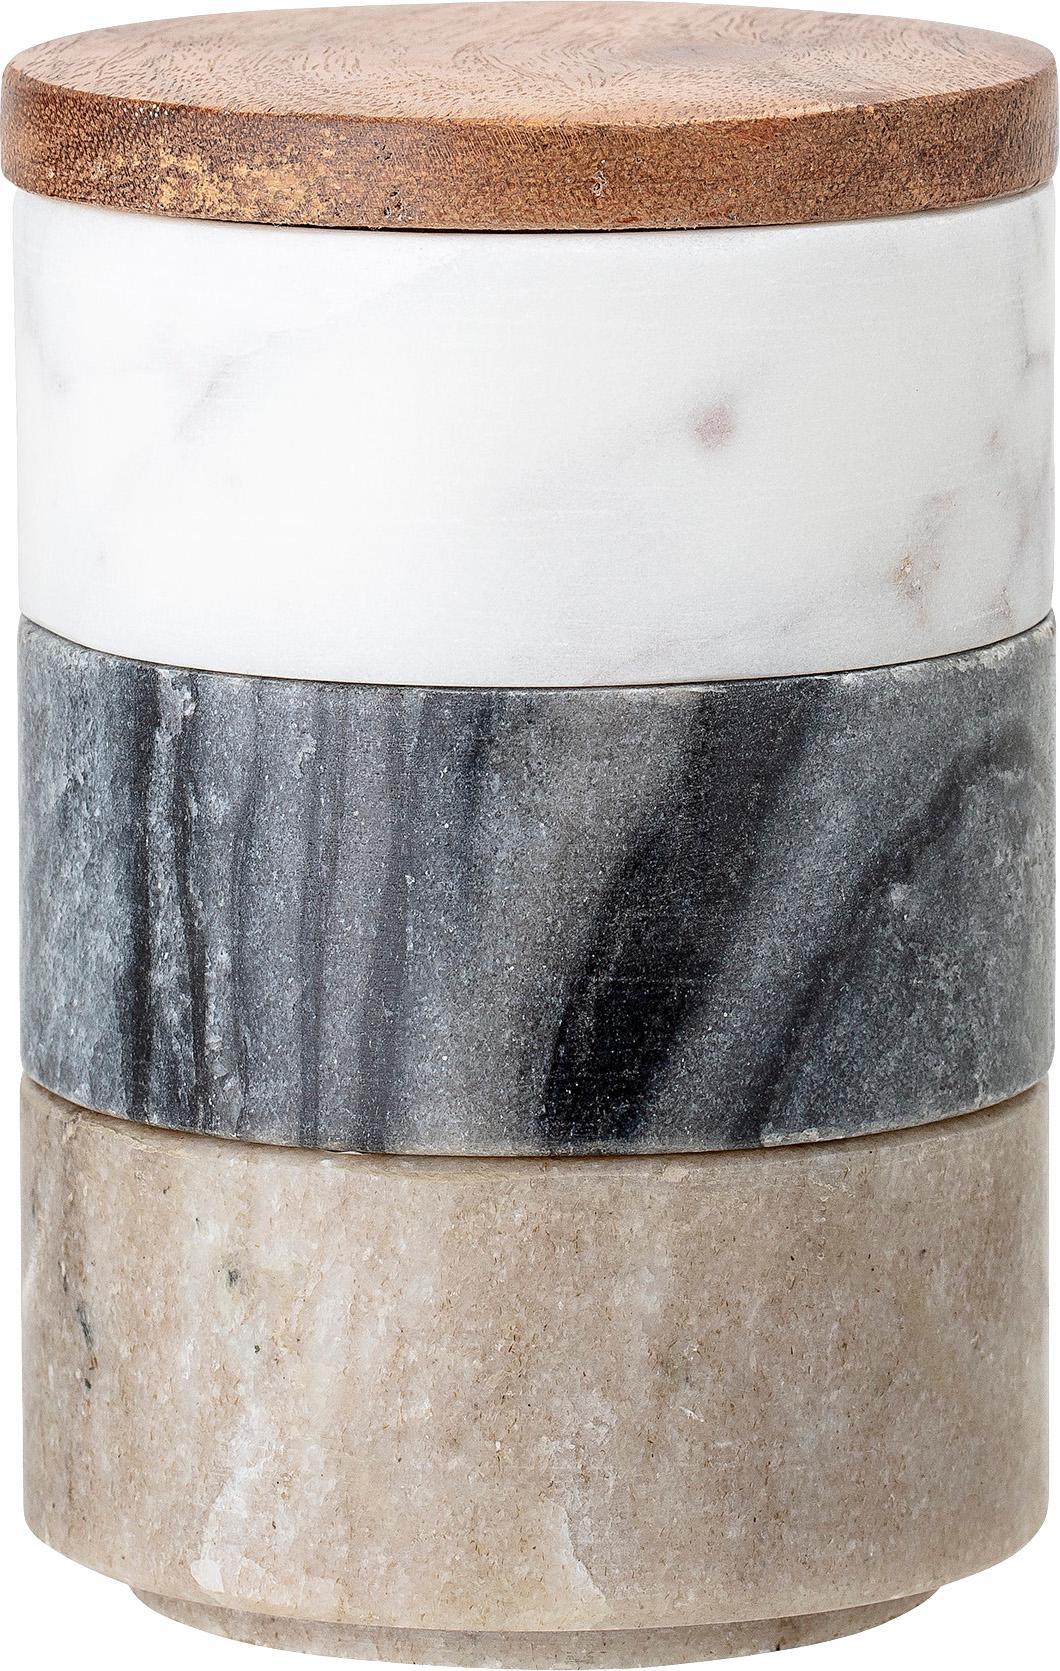 Kleine Aufbewahrungsdosen Gatherings aus Marmor, 4er-Set, Dosen: Marmor, Deckel: Akazienholz, Braun, Grau, Weiß, marmoriert, Ø 8 x H 12 cm